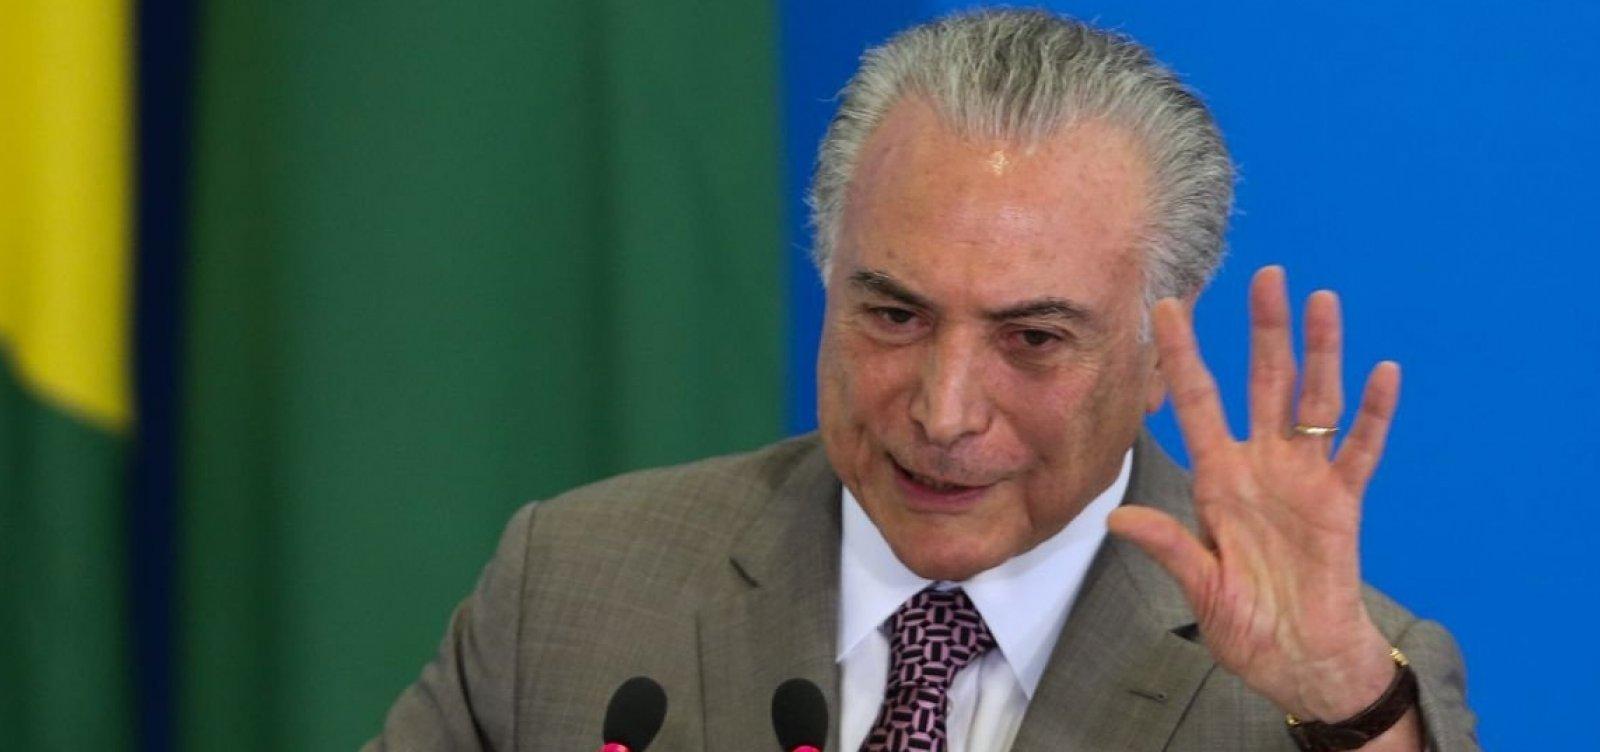 Temer diz não se colocar como opção para disputa presidencial em 2022